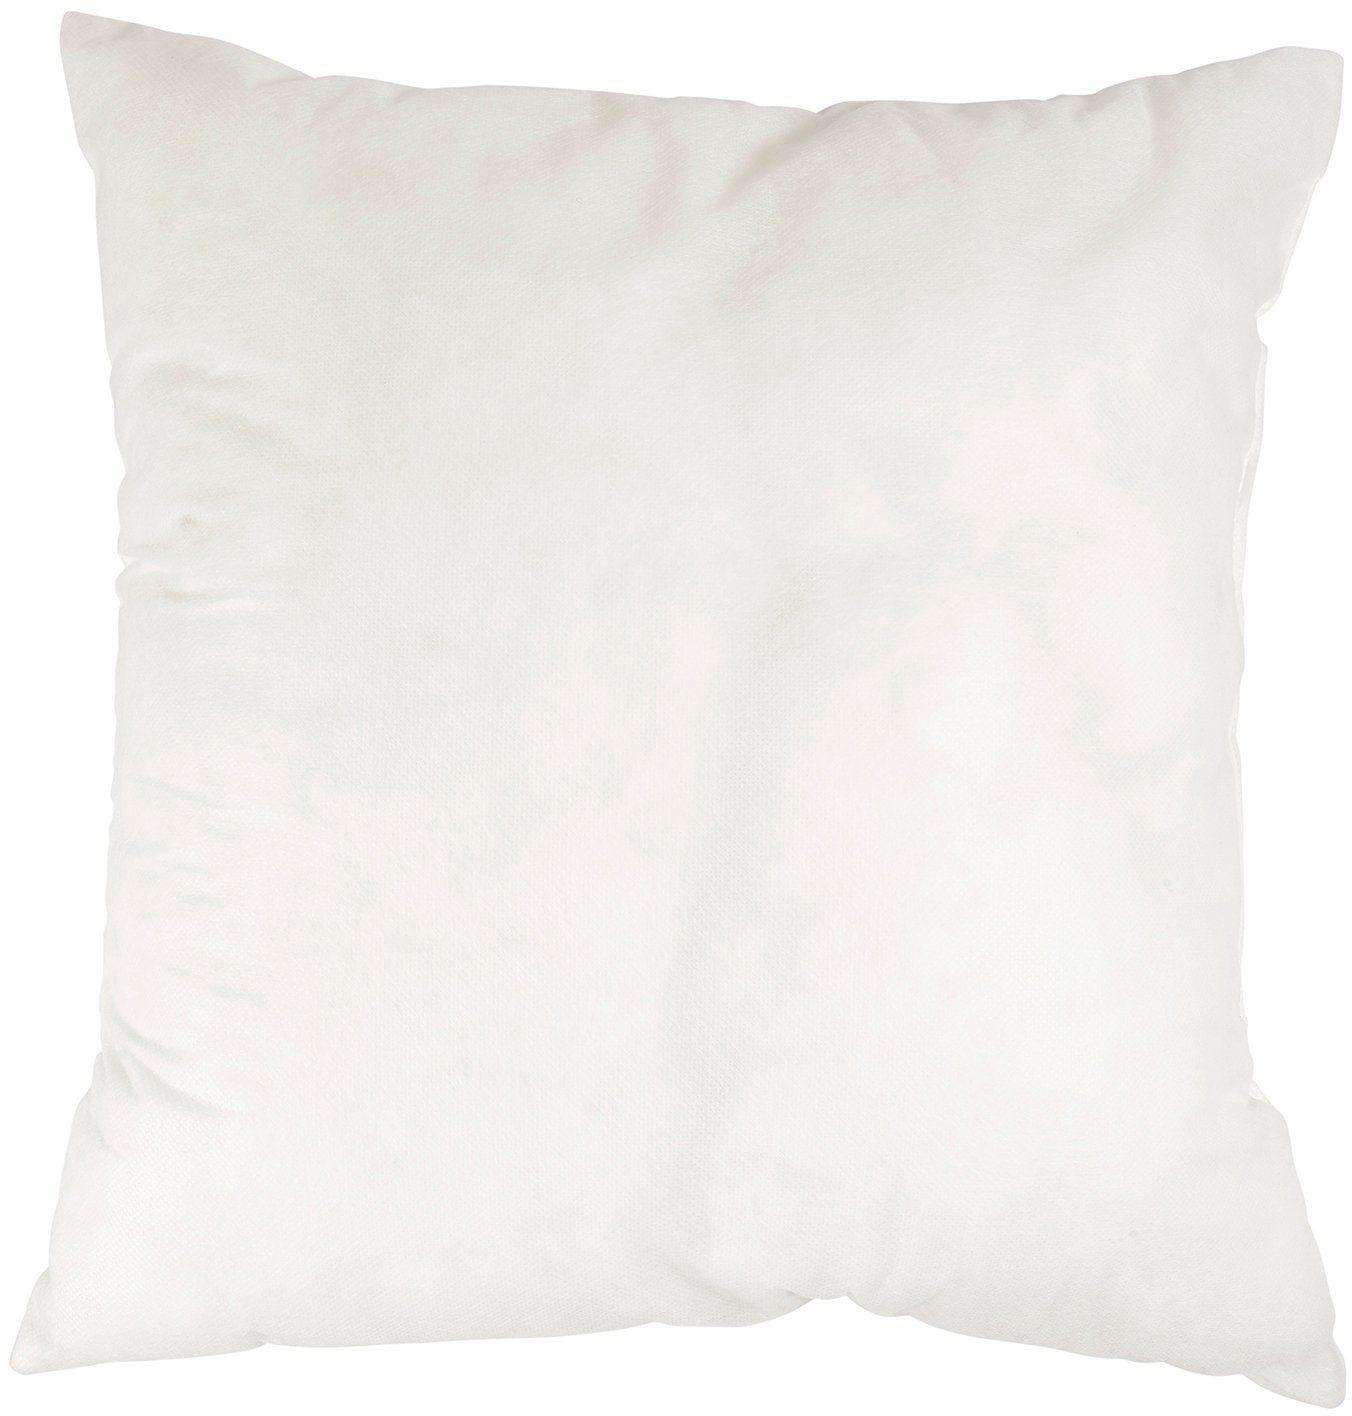 ostaria Wypełnienie poduszki kwadratowe, poliester, białe, 40 x 12 x 40 cm